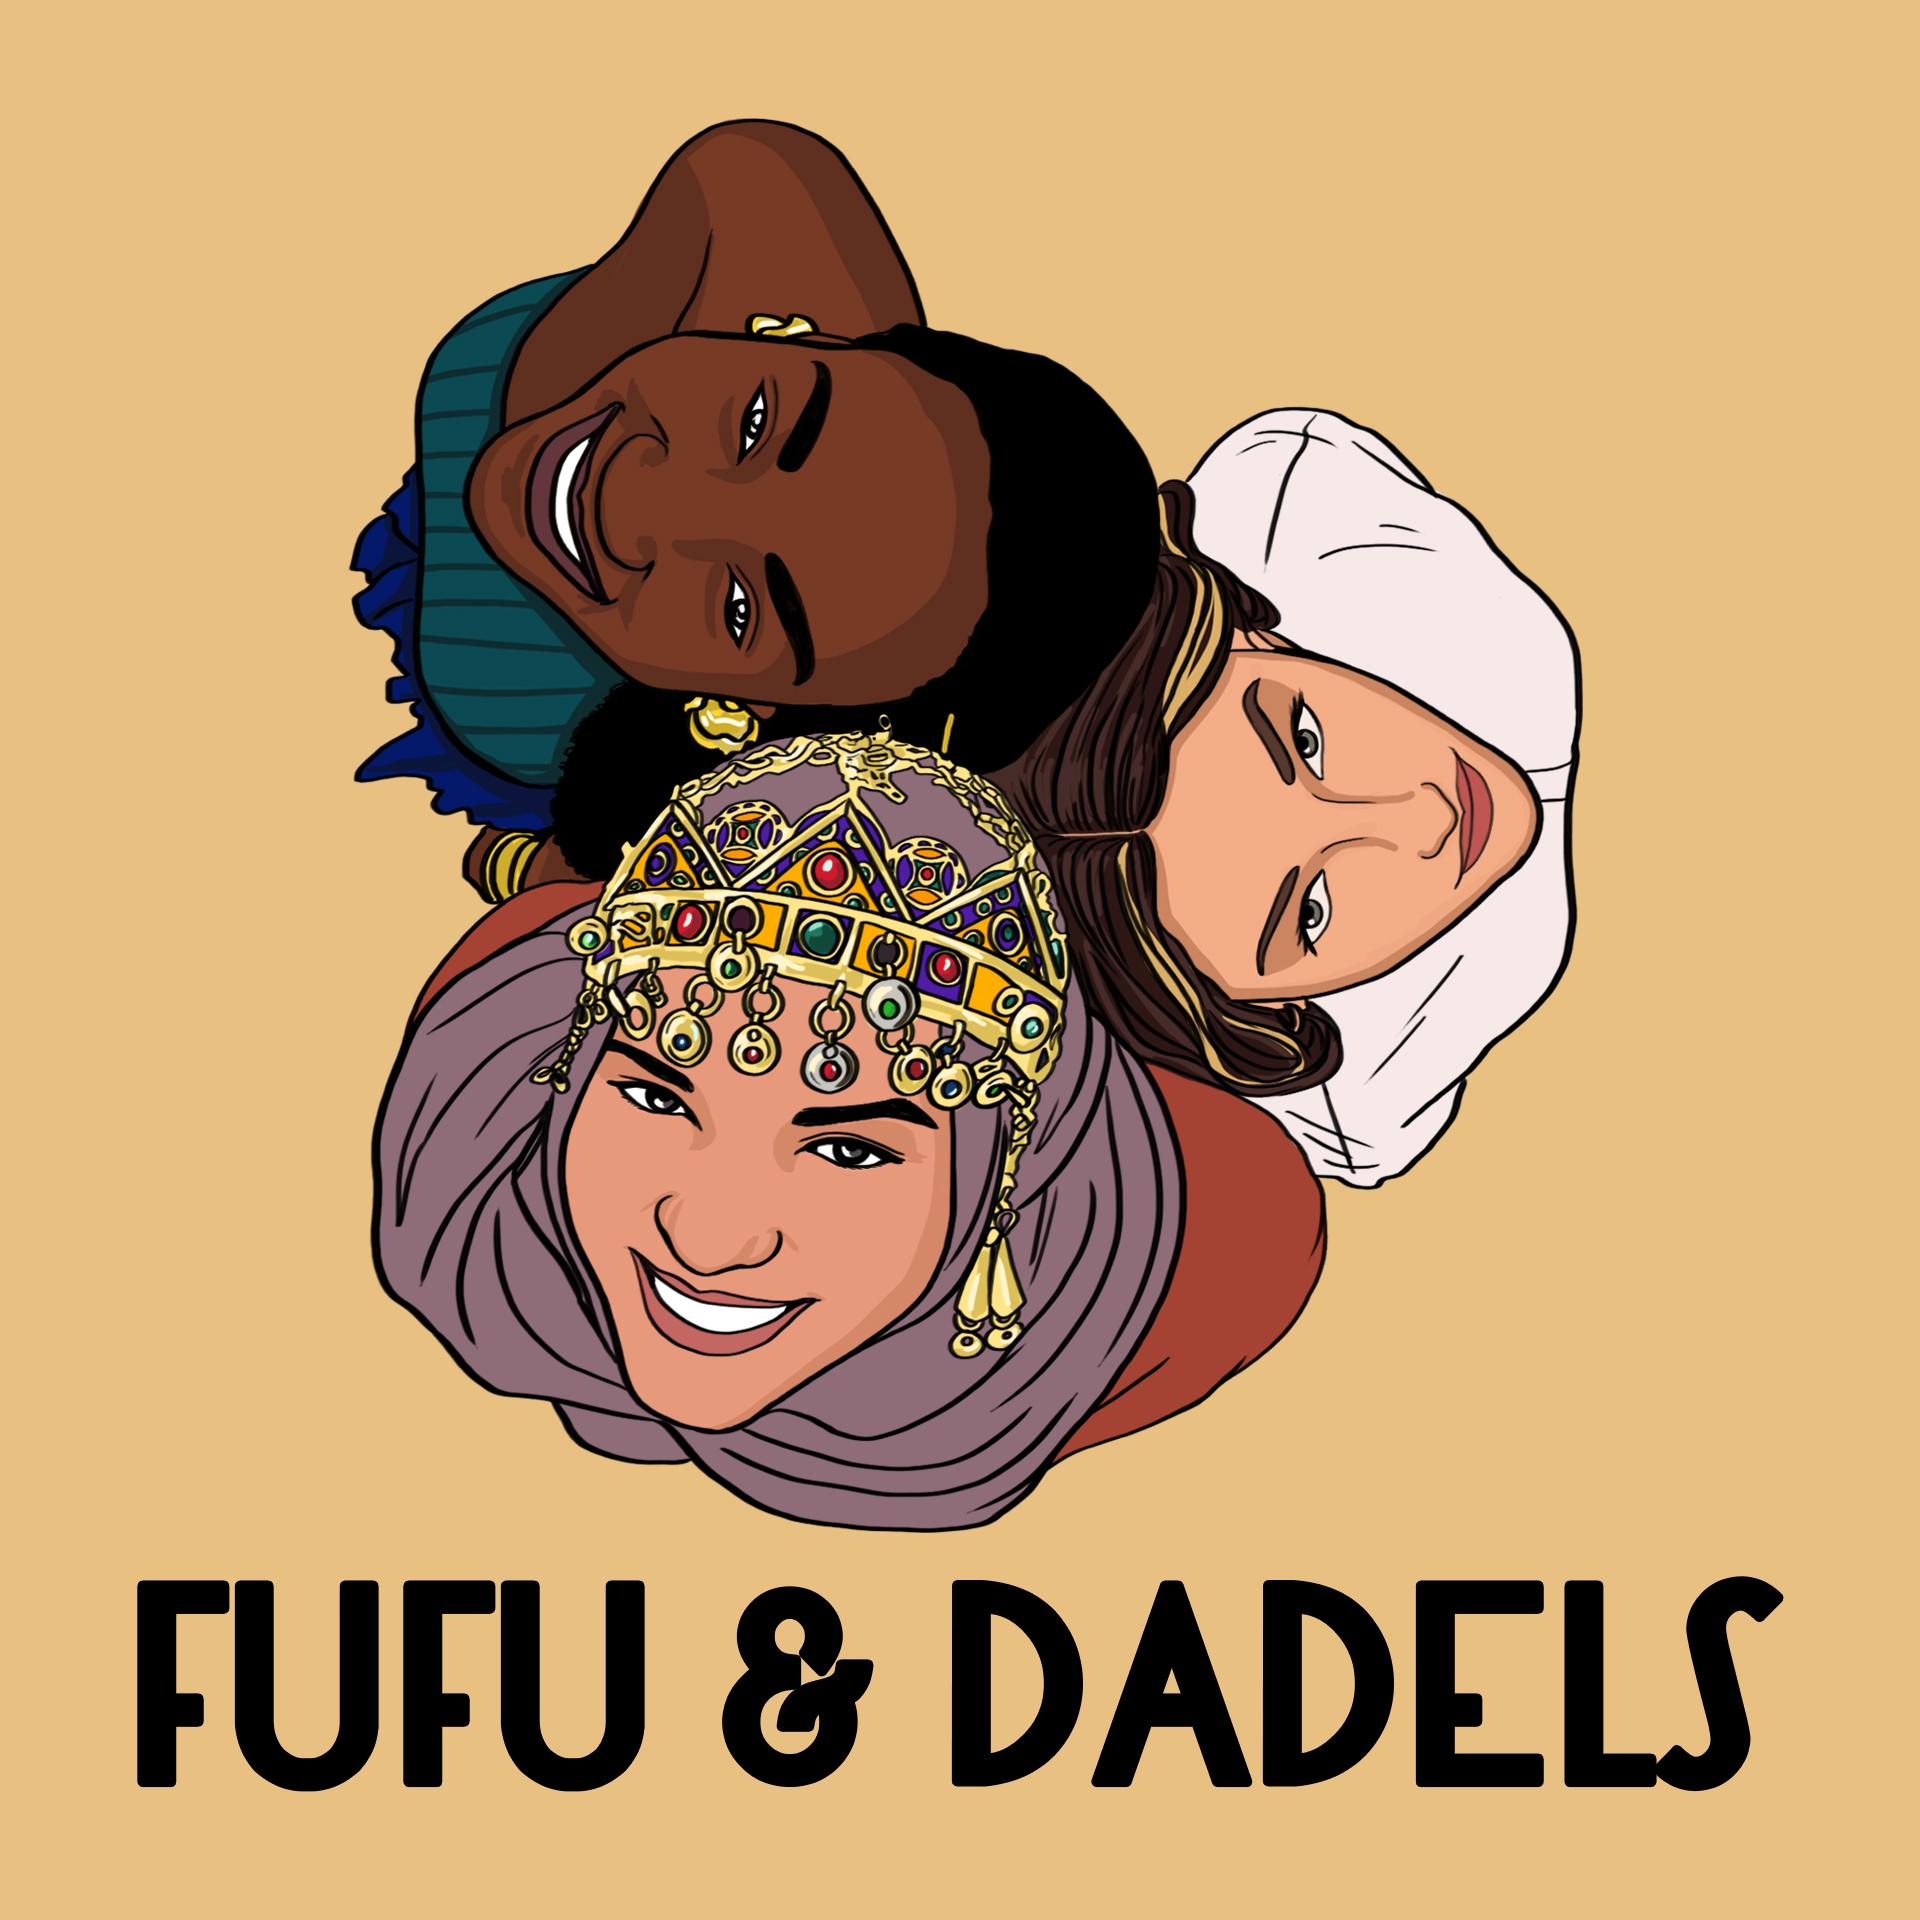 Fufu & Dadels2.jpg